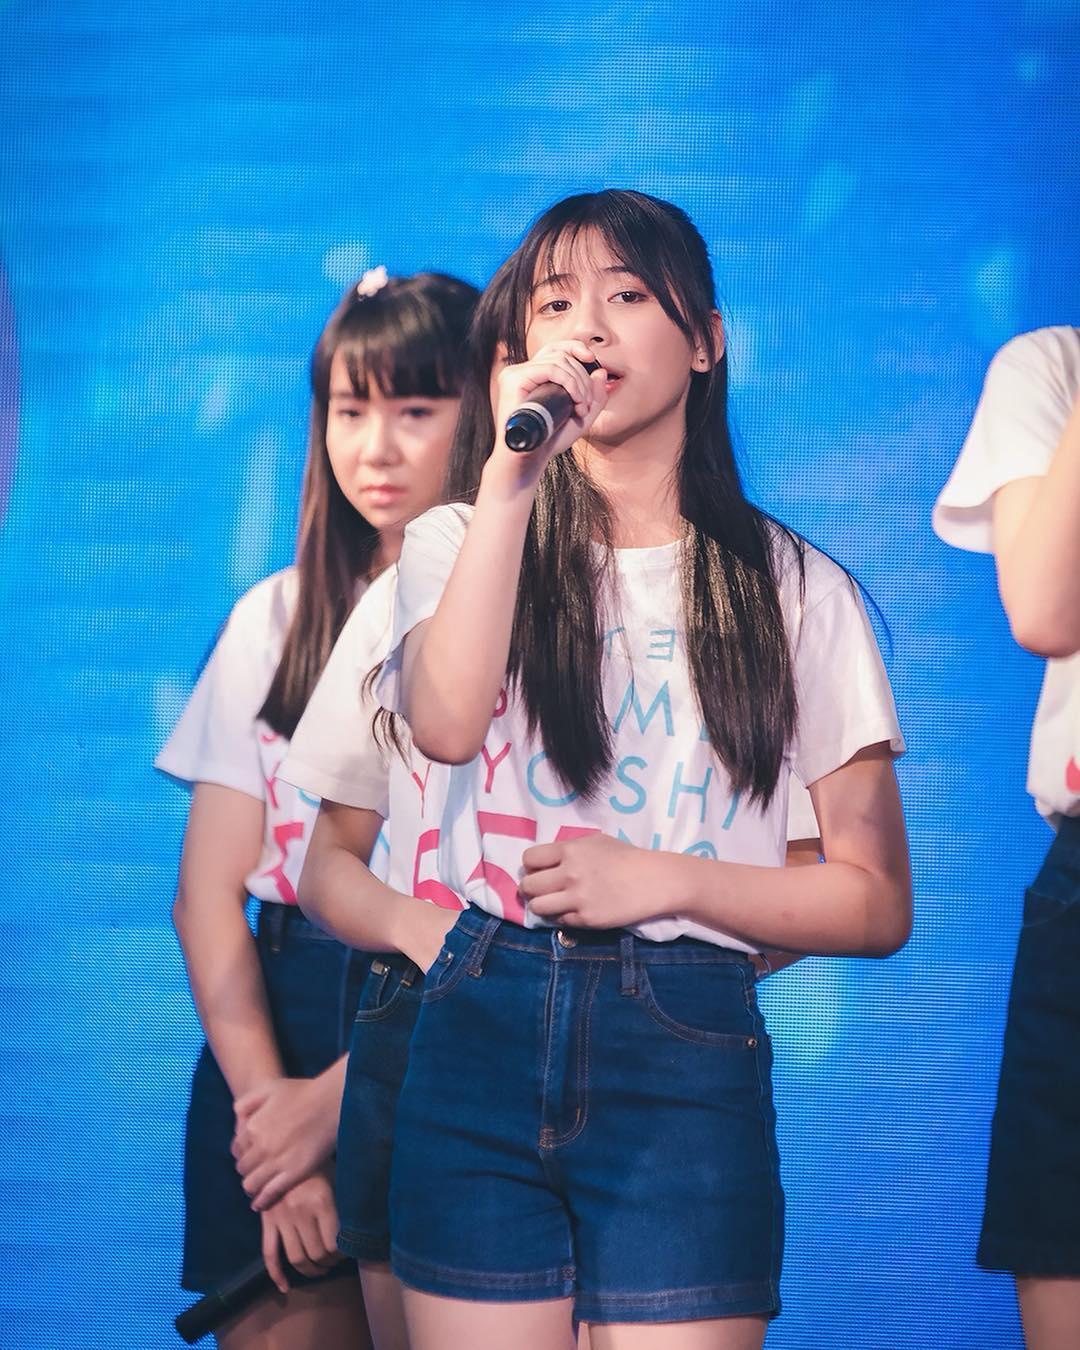 นักร้องผู้น่ารัก